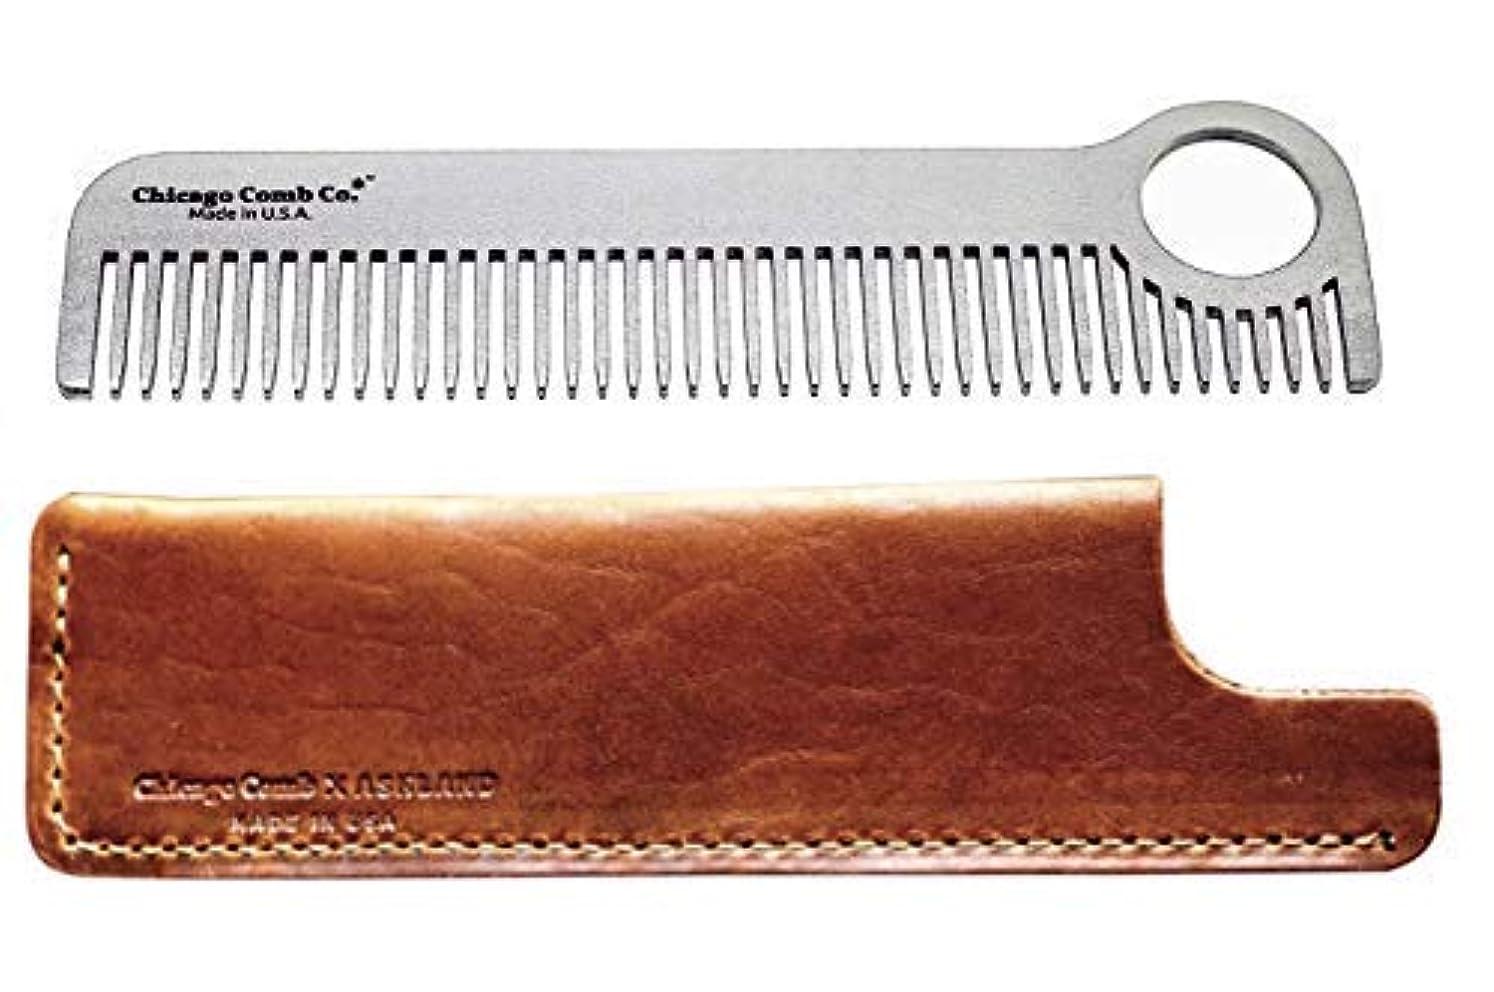 爆発物一族毛細血管Chicago Comb Model 1 Stainless Steel + Horween Tan Leather Sheath, Made in USA, Ultra-Smooth, Durable, Anti-Static...